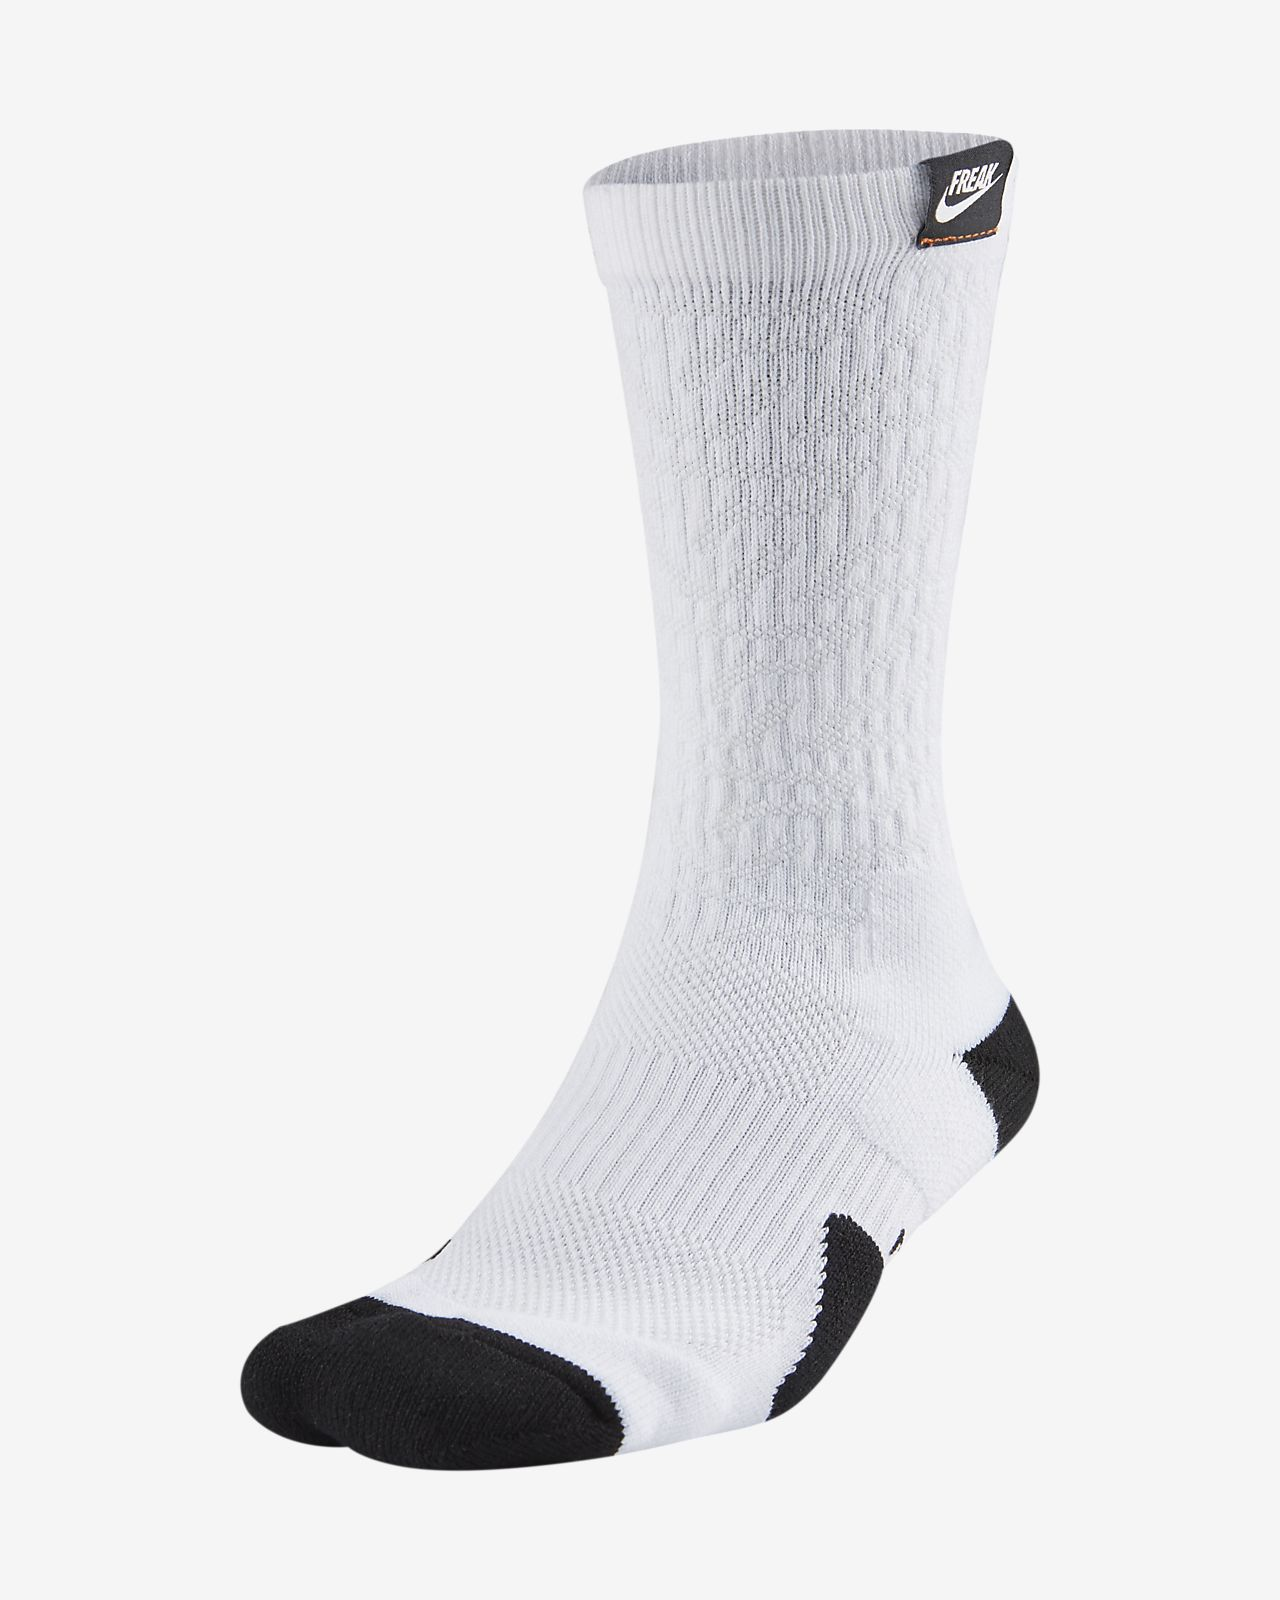 Giannis Nike Elite Basketball Crew Socks